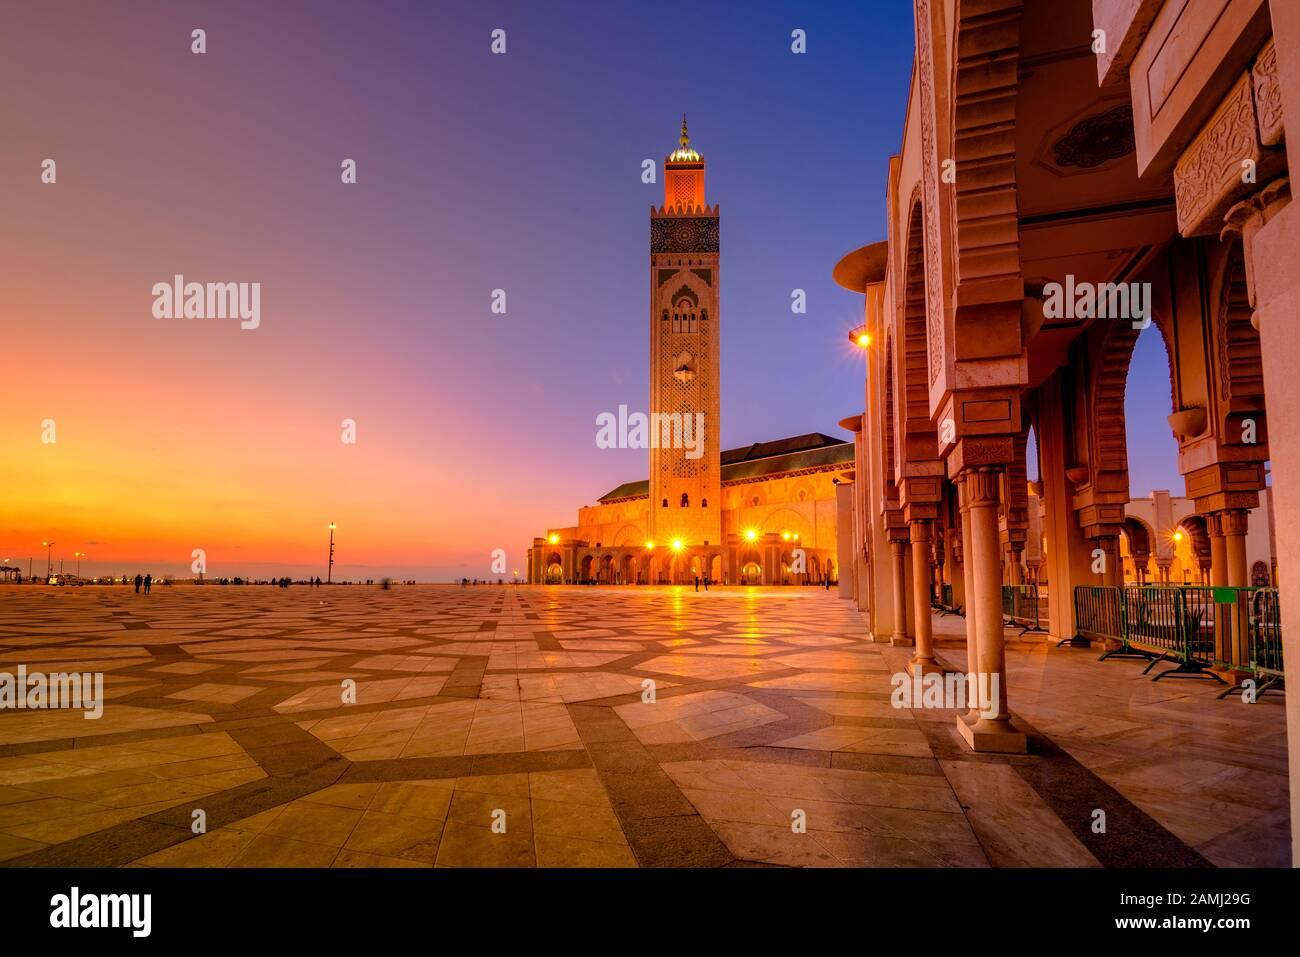 La Mezquita Hassan II es una mezquita en Casablanca, Marruecos. Es la mezquita más grande de Marruecos con el minarete más alto del mundo. Foto de stock